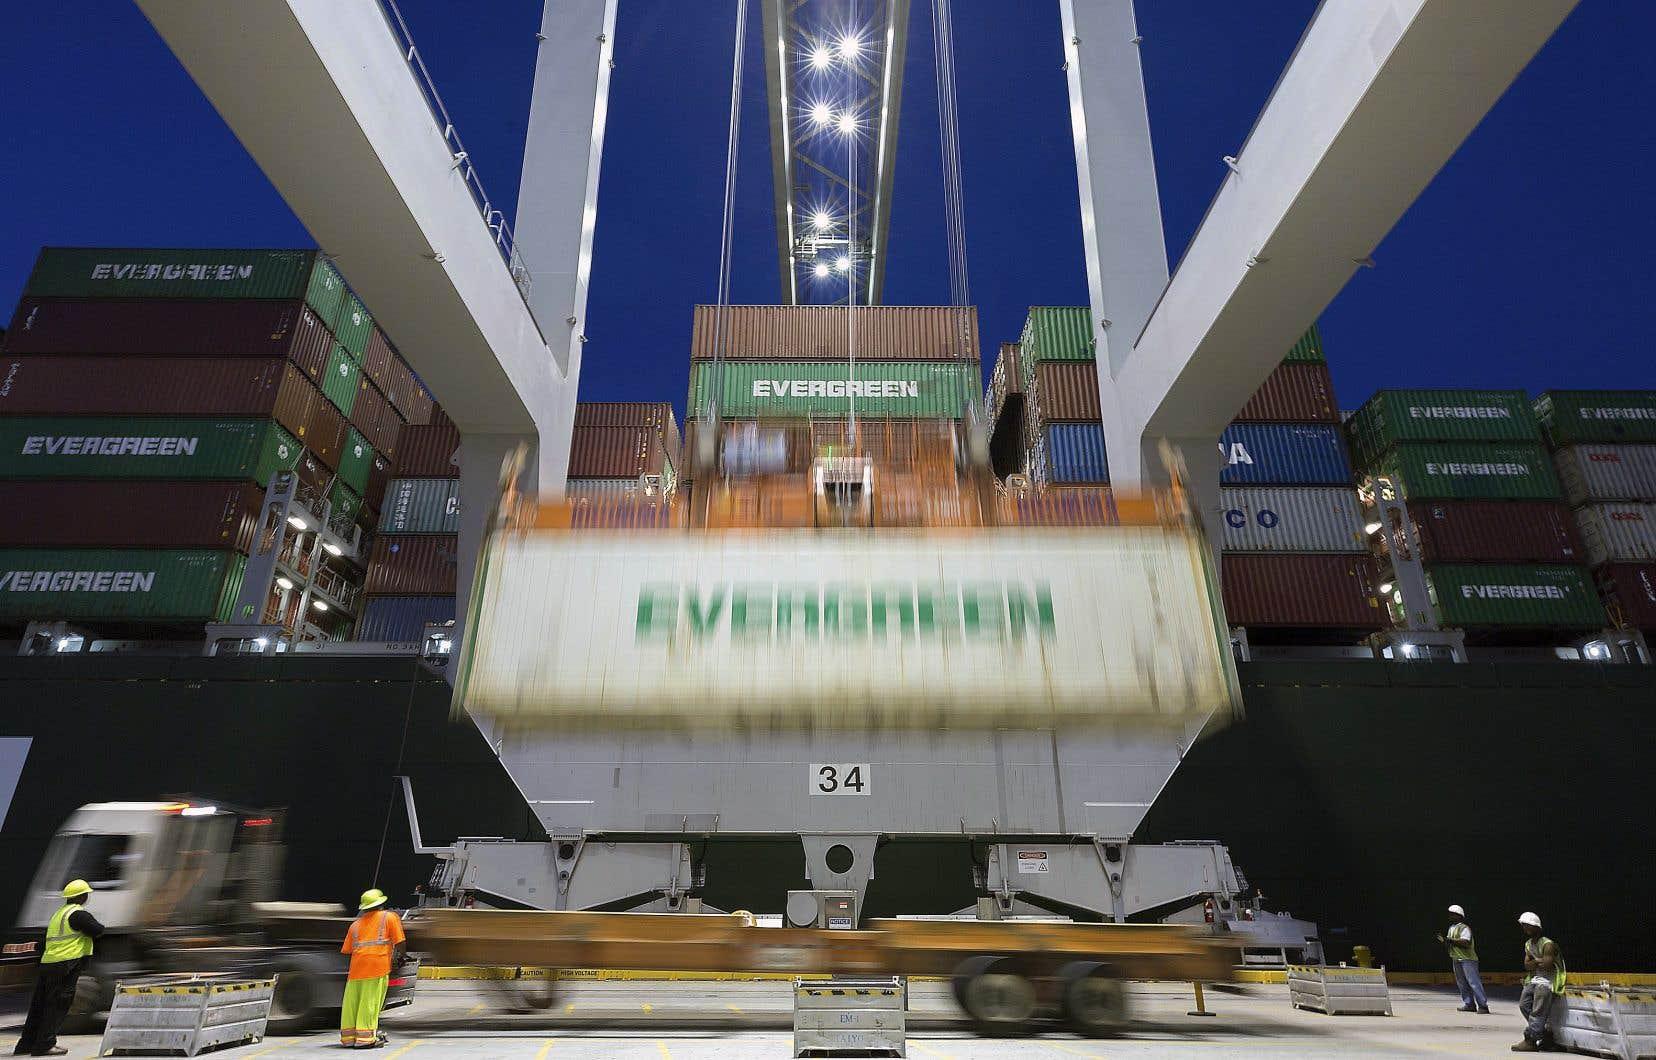 Le gouvernement de Donald Trump a confirmé l'imposition de tarifs douaniers de 25% sur des biens importés de la Chine d'une valeur annuelle de 34milliards de dollars américains.